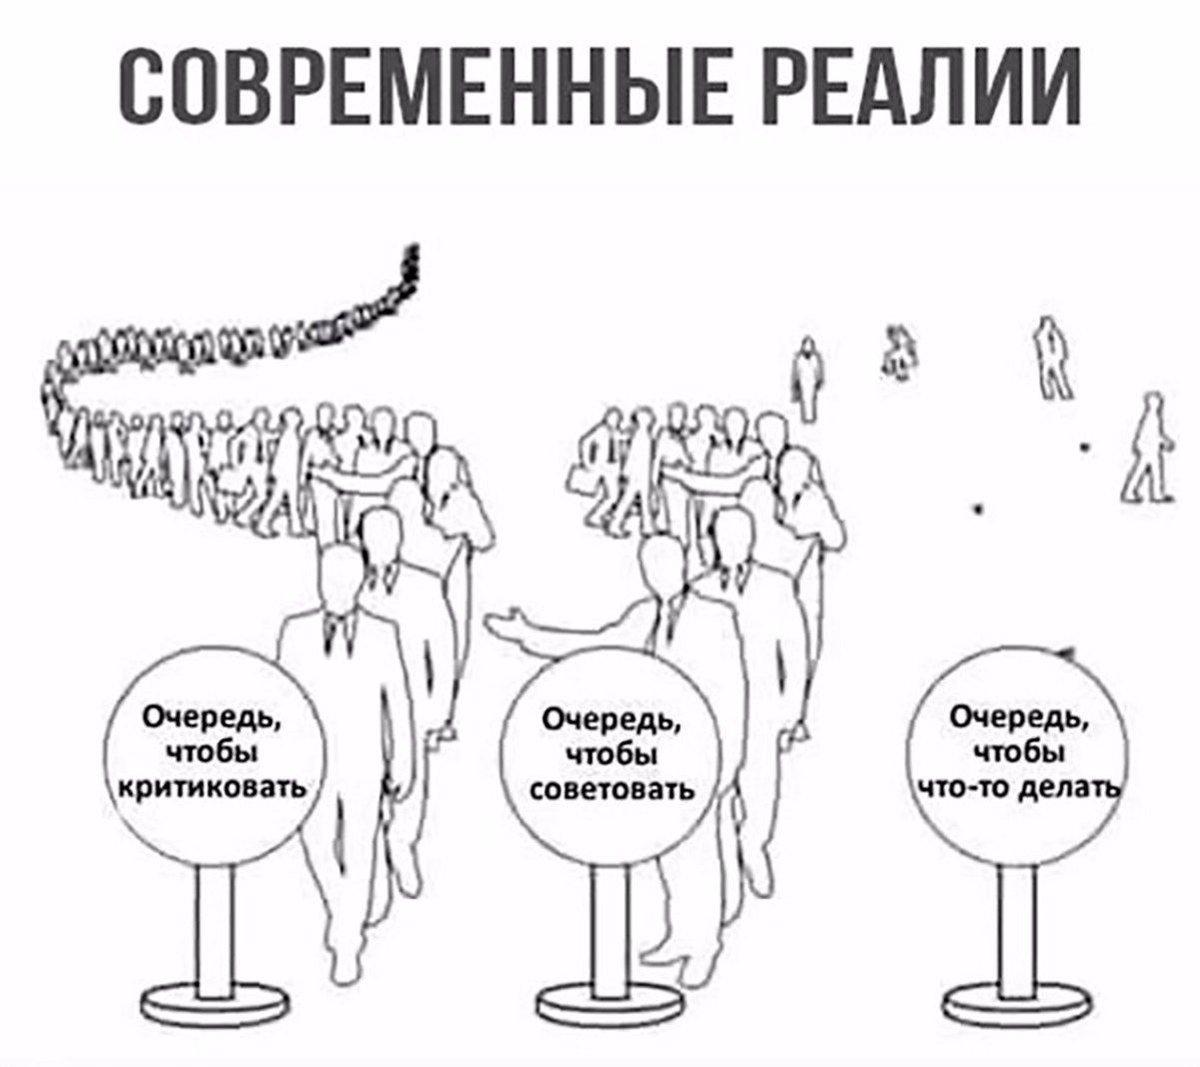 Современные реалии